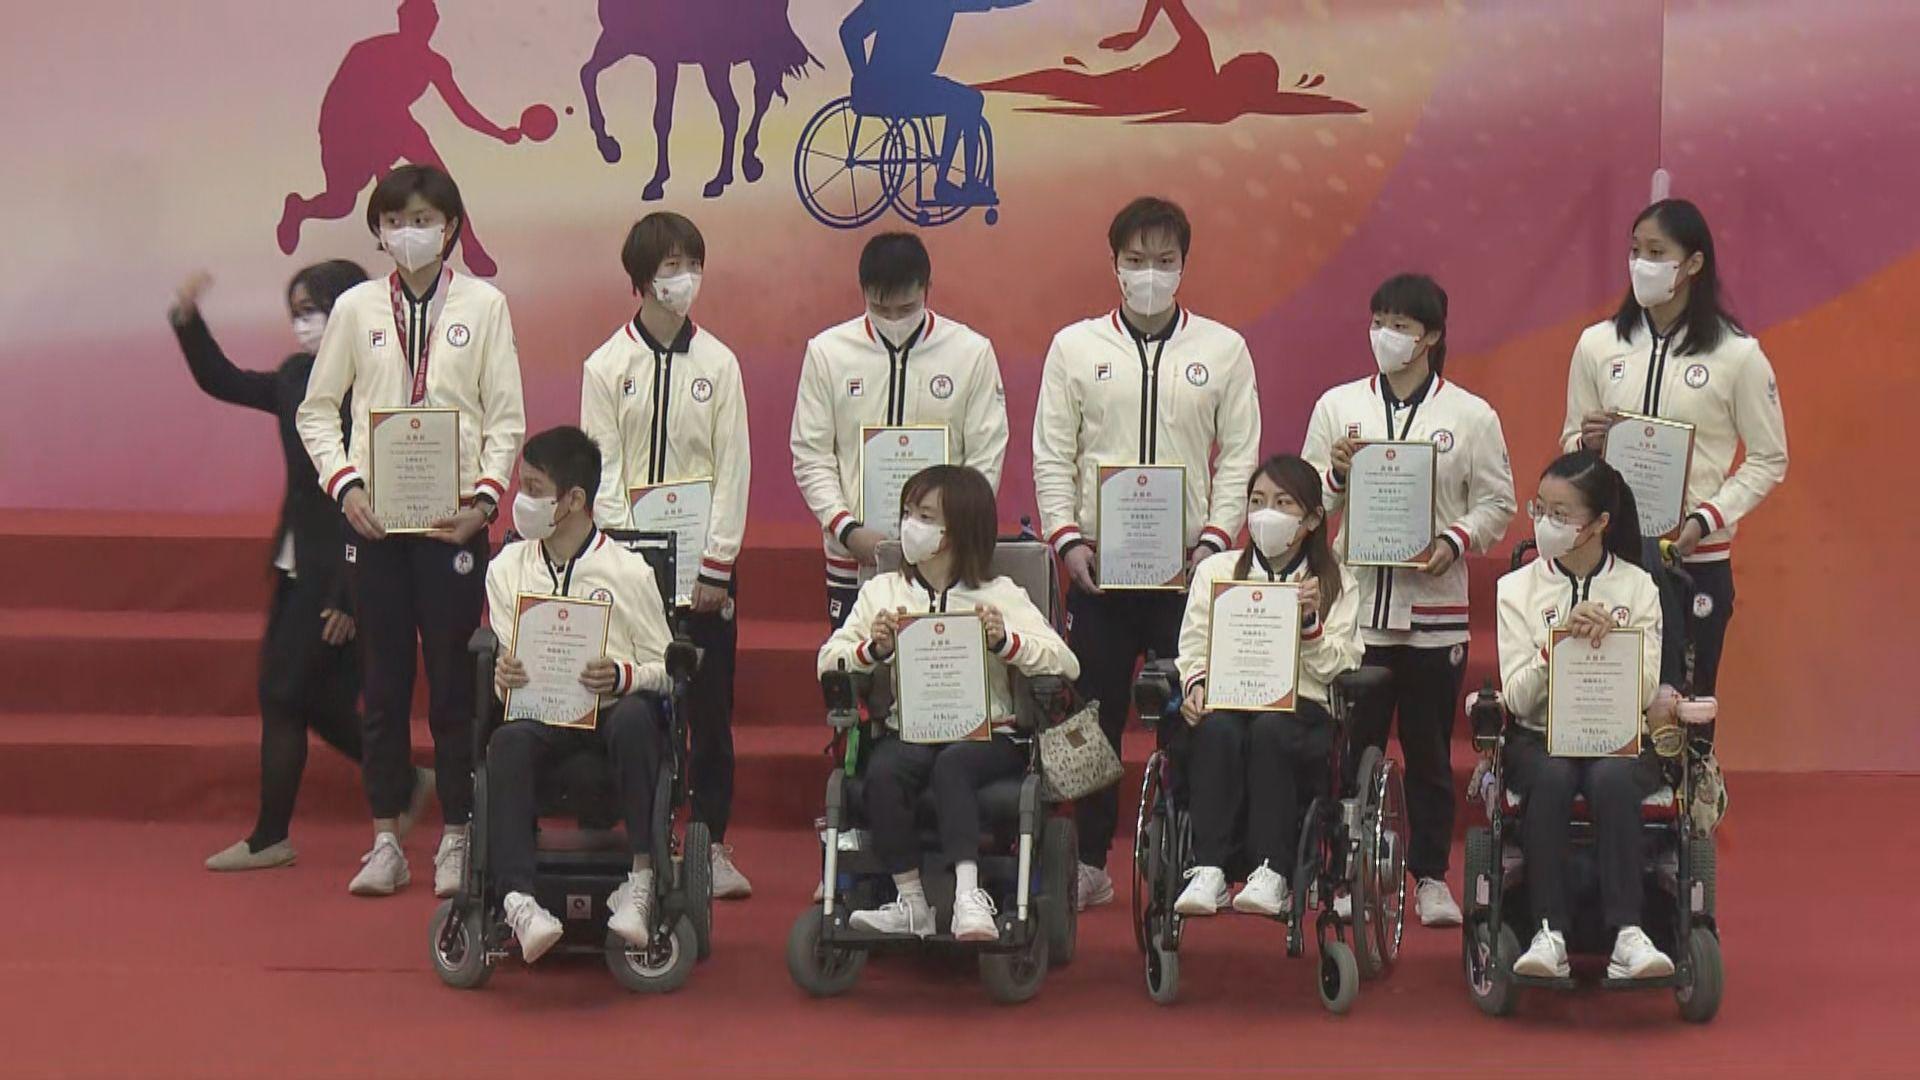 政府為殘奧隊舉行歡迎儀式 向運動員頒表揚狀